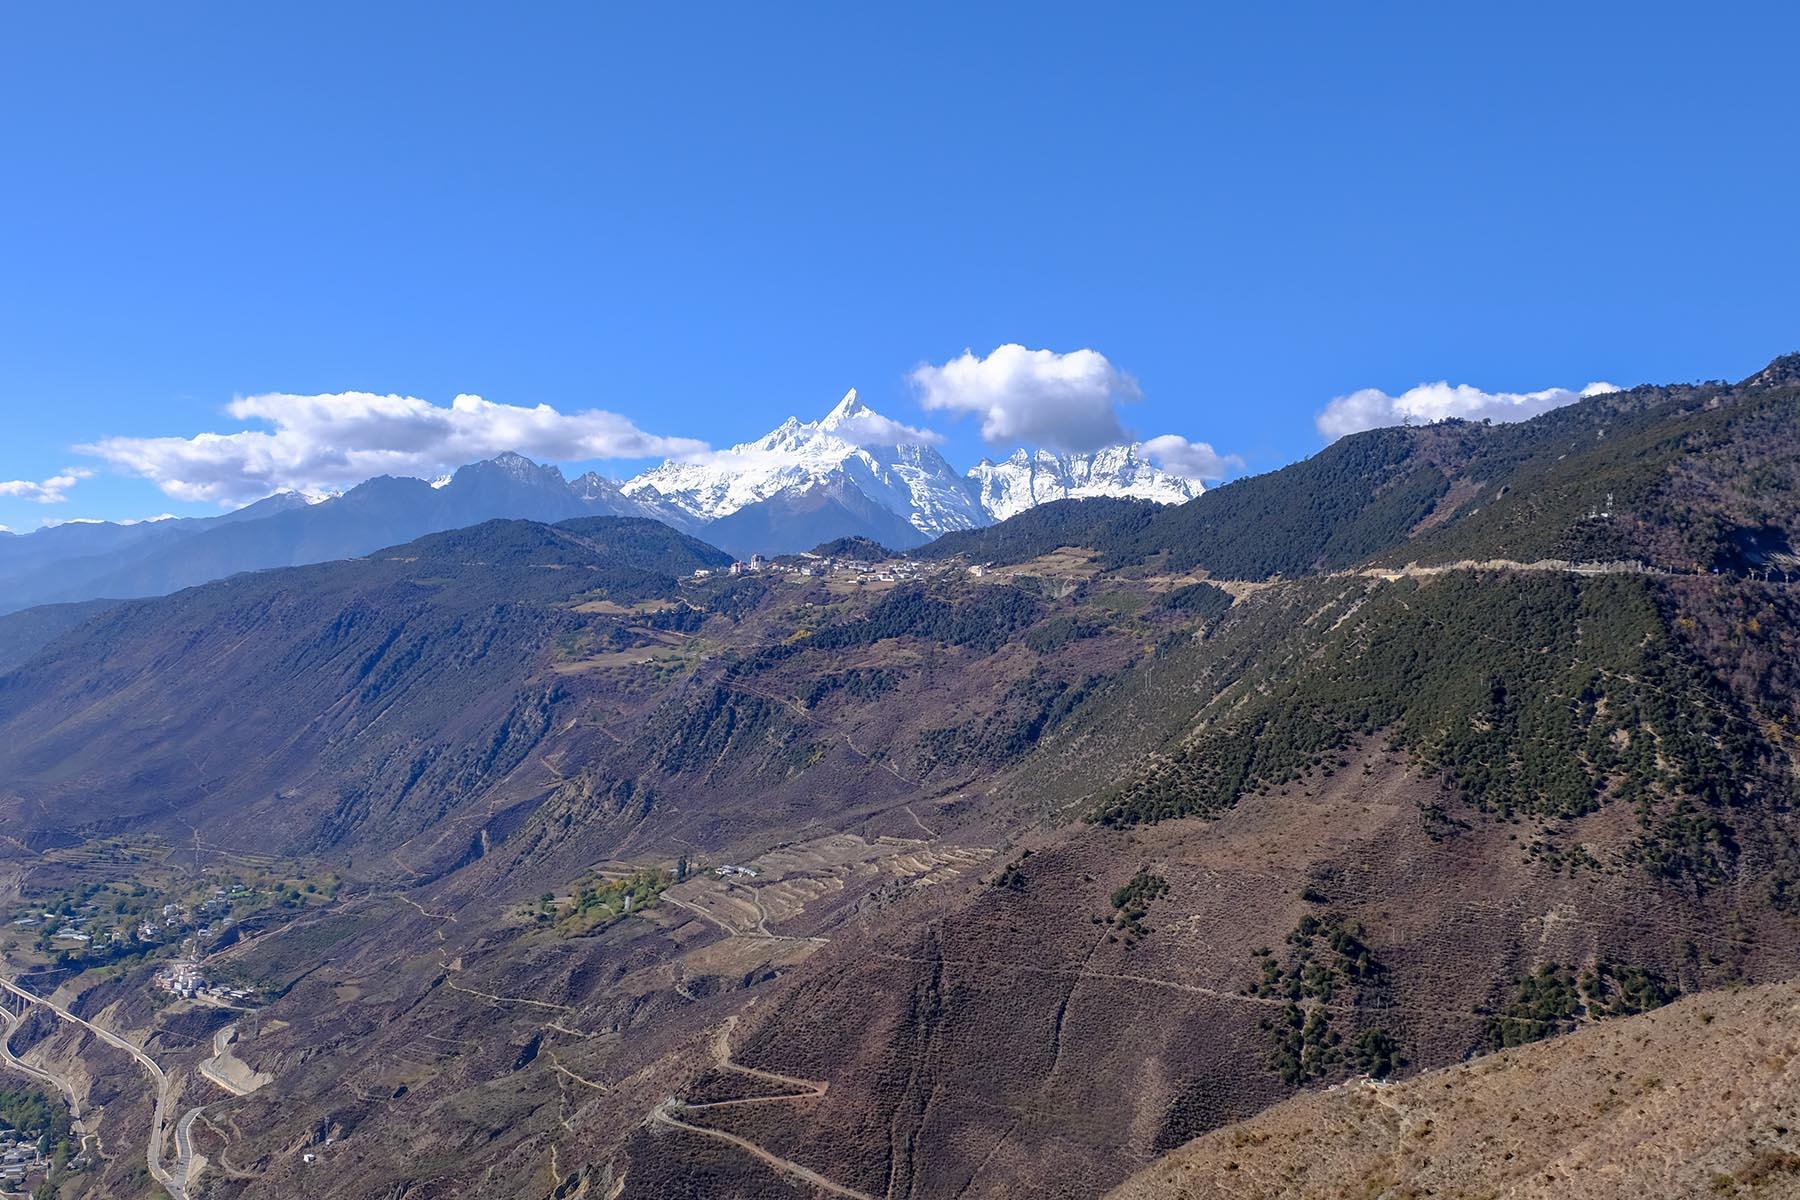 Blick auf das Meili Snow Mountain Gebirge in Yunnan, China im Herbst